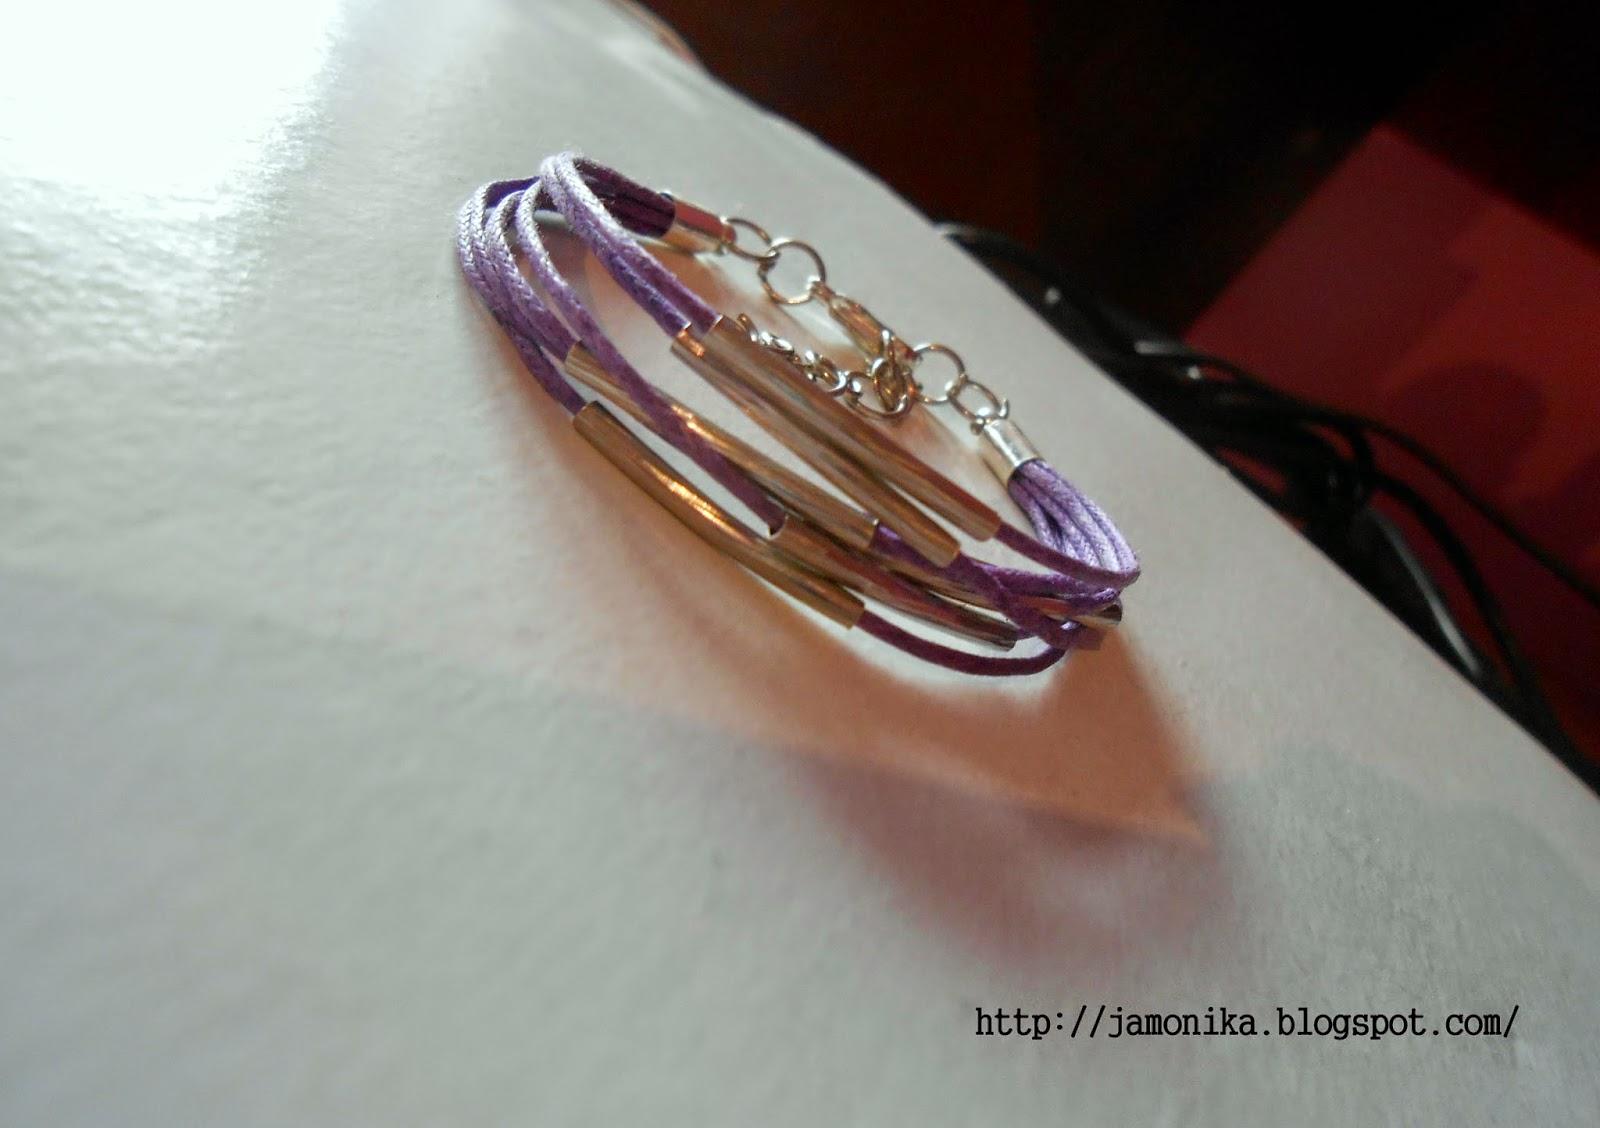 Fioletowa bransoletka z metalowymi rurkami